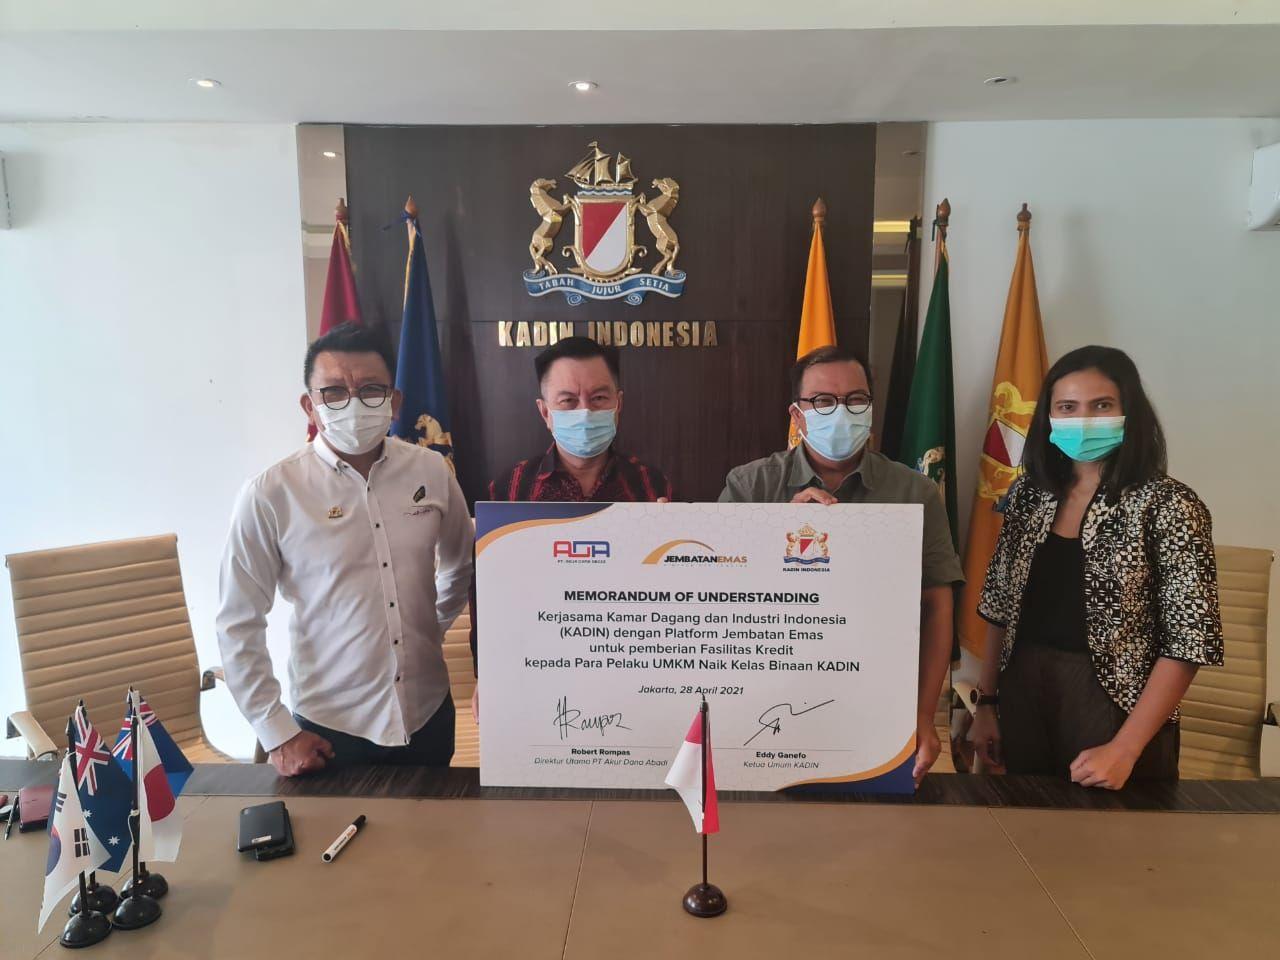 Jembatan Emas, perusahaan peer to peer (P2P) lending, melakukan penandatangan nota kesepahaman dengan Kamar Dagang dan Industri Indonesia (Kadin) untuk pemberian fasilitas kredit produktif kepada komunitas UMKM Naik Kelas binaan Kadin.